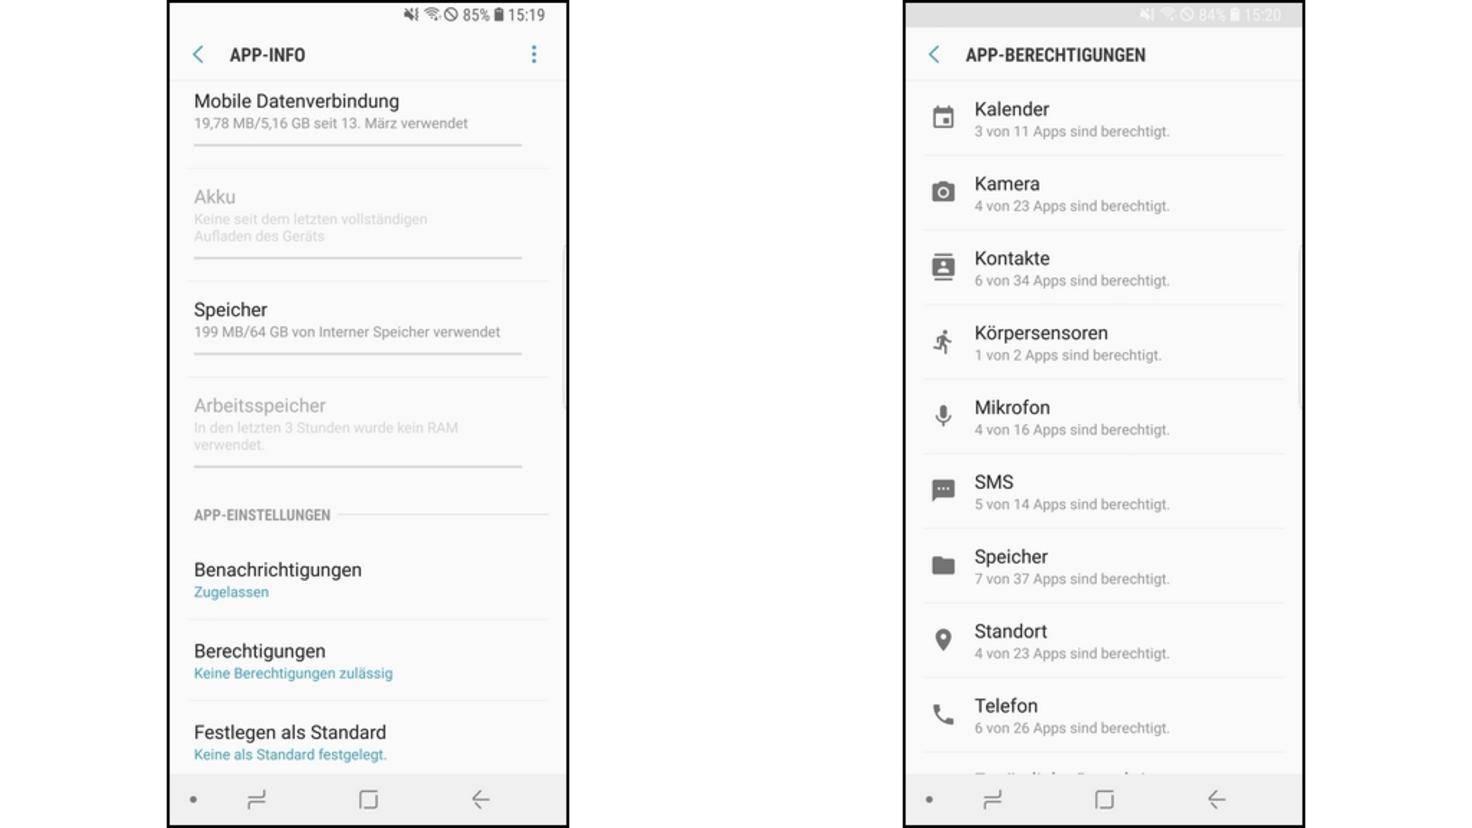 App-Berechtigungen-Samsung